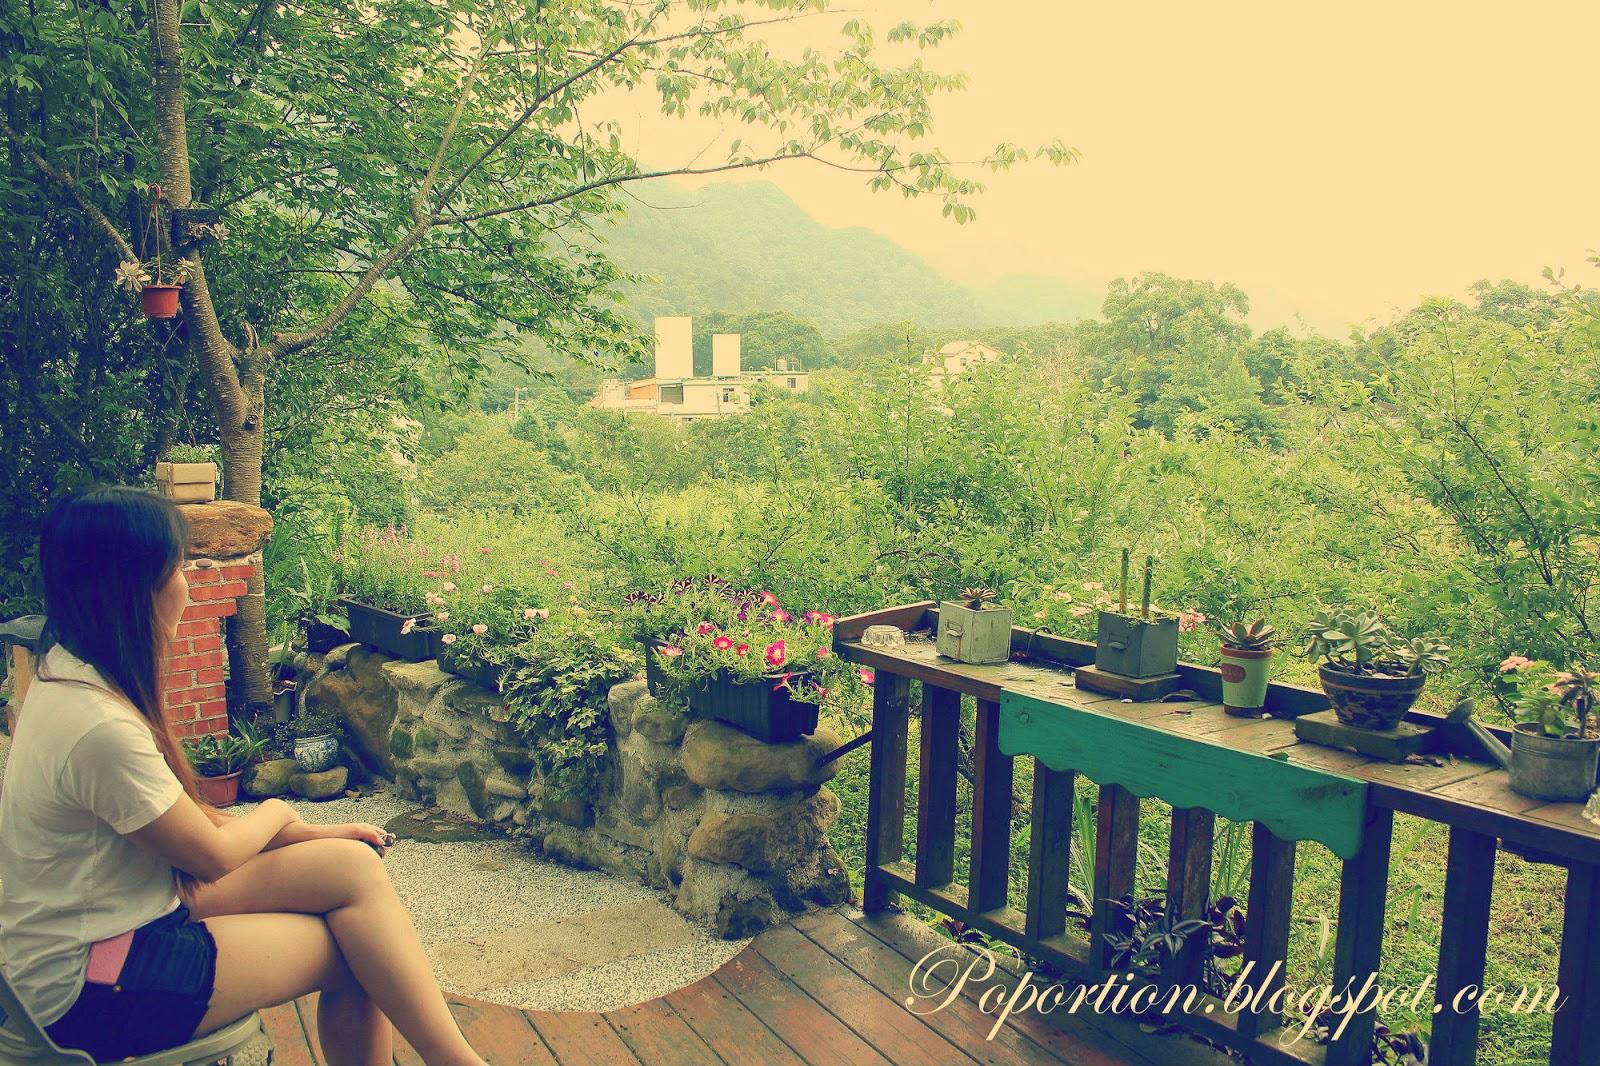 beautiful place in miaoli